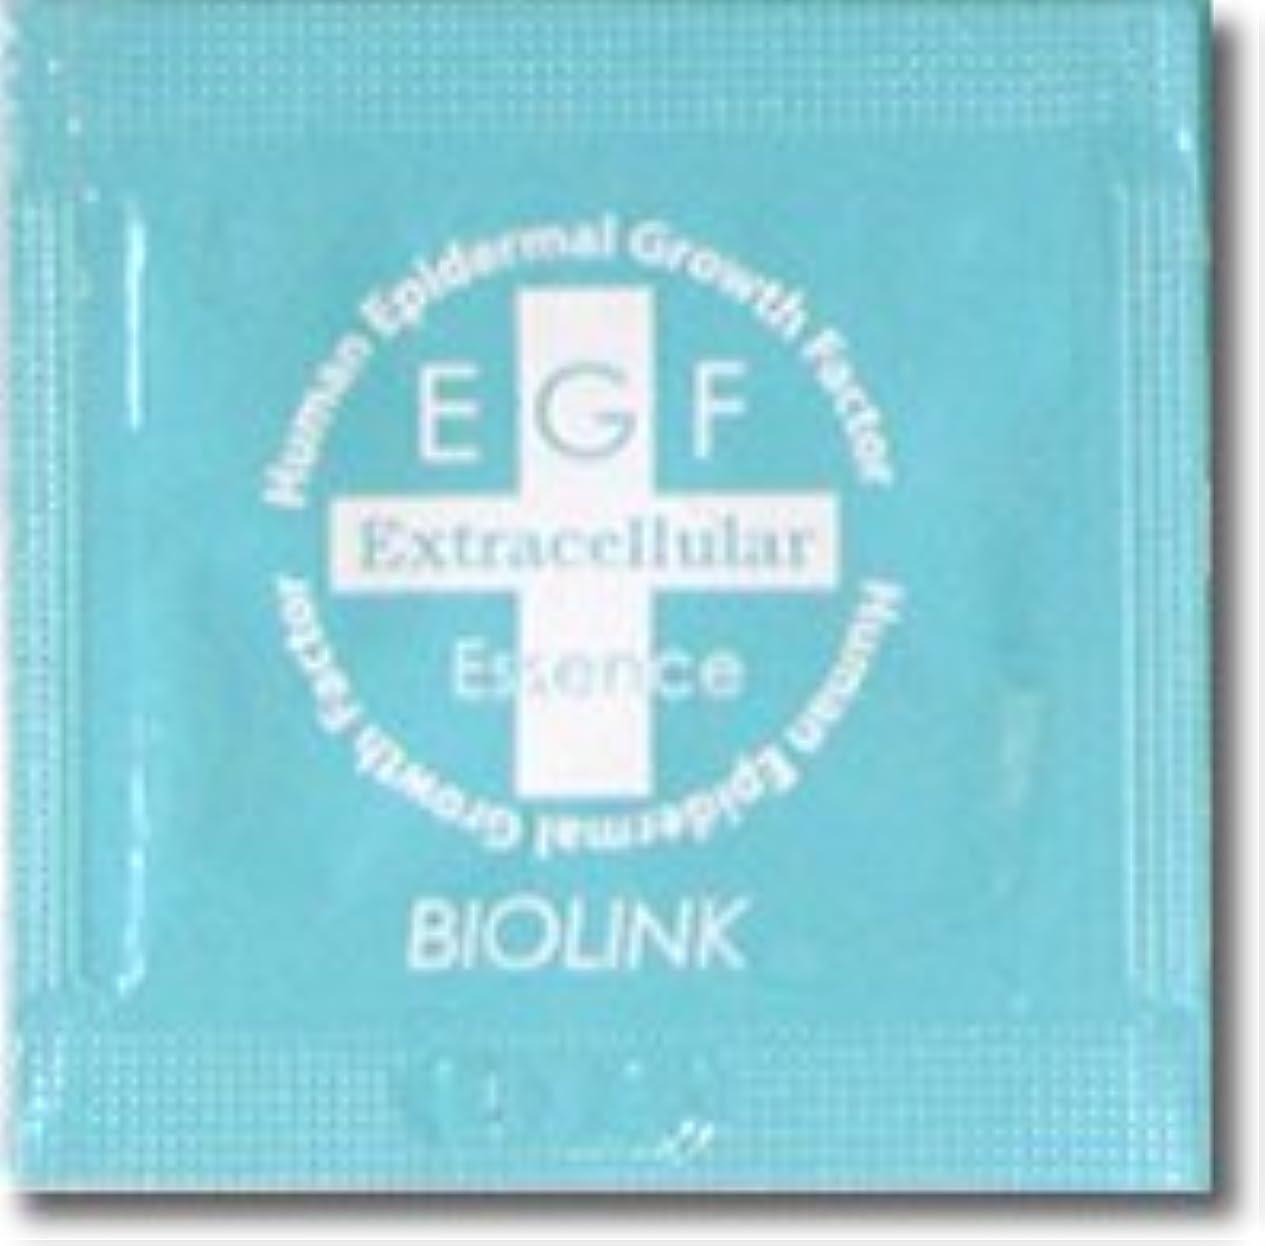 傀儡なる初期バイオリンク EGF エクストラエッセンス 分包 100個+10個おまけ付きセット